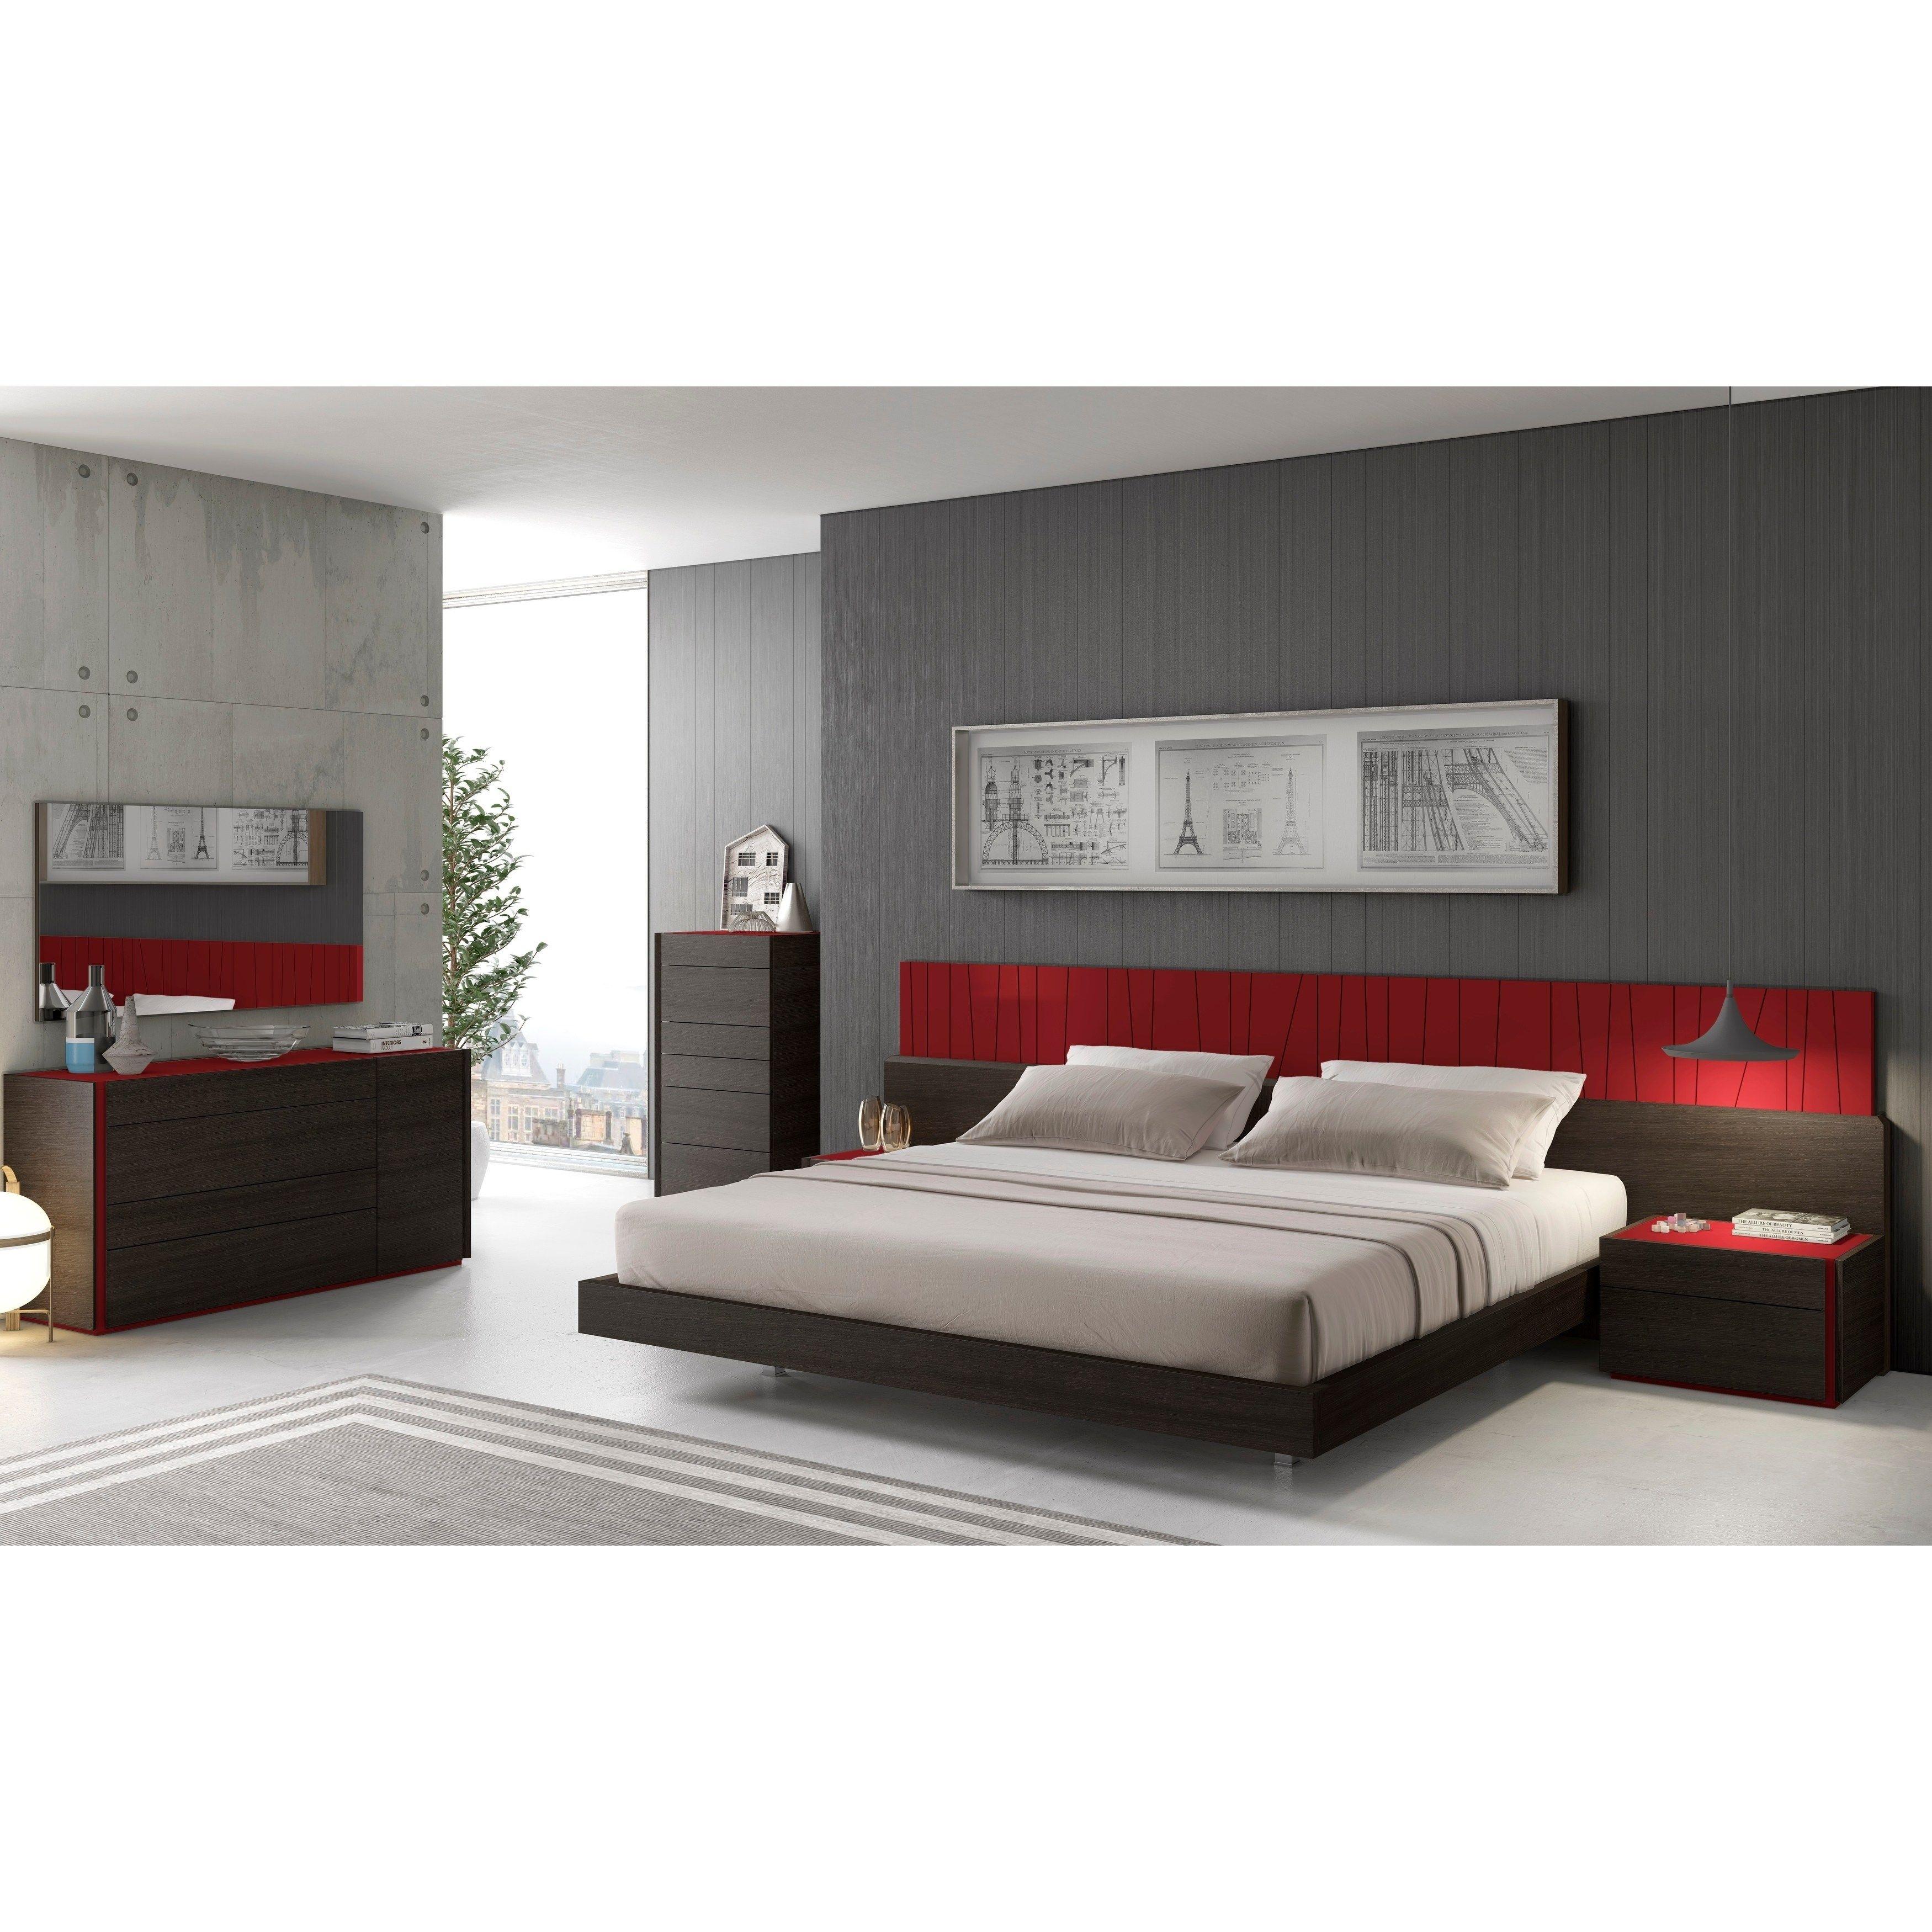 Gray Contemporary Bedroom Bedroom Sets Contemporary Bedroom Sets